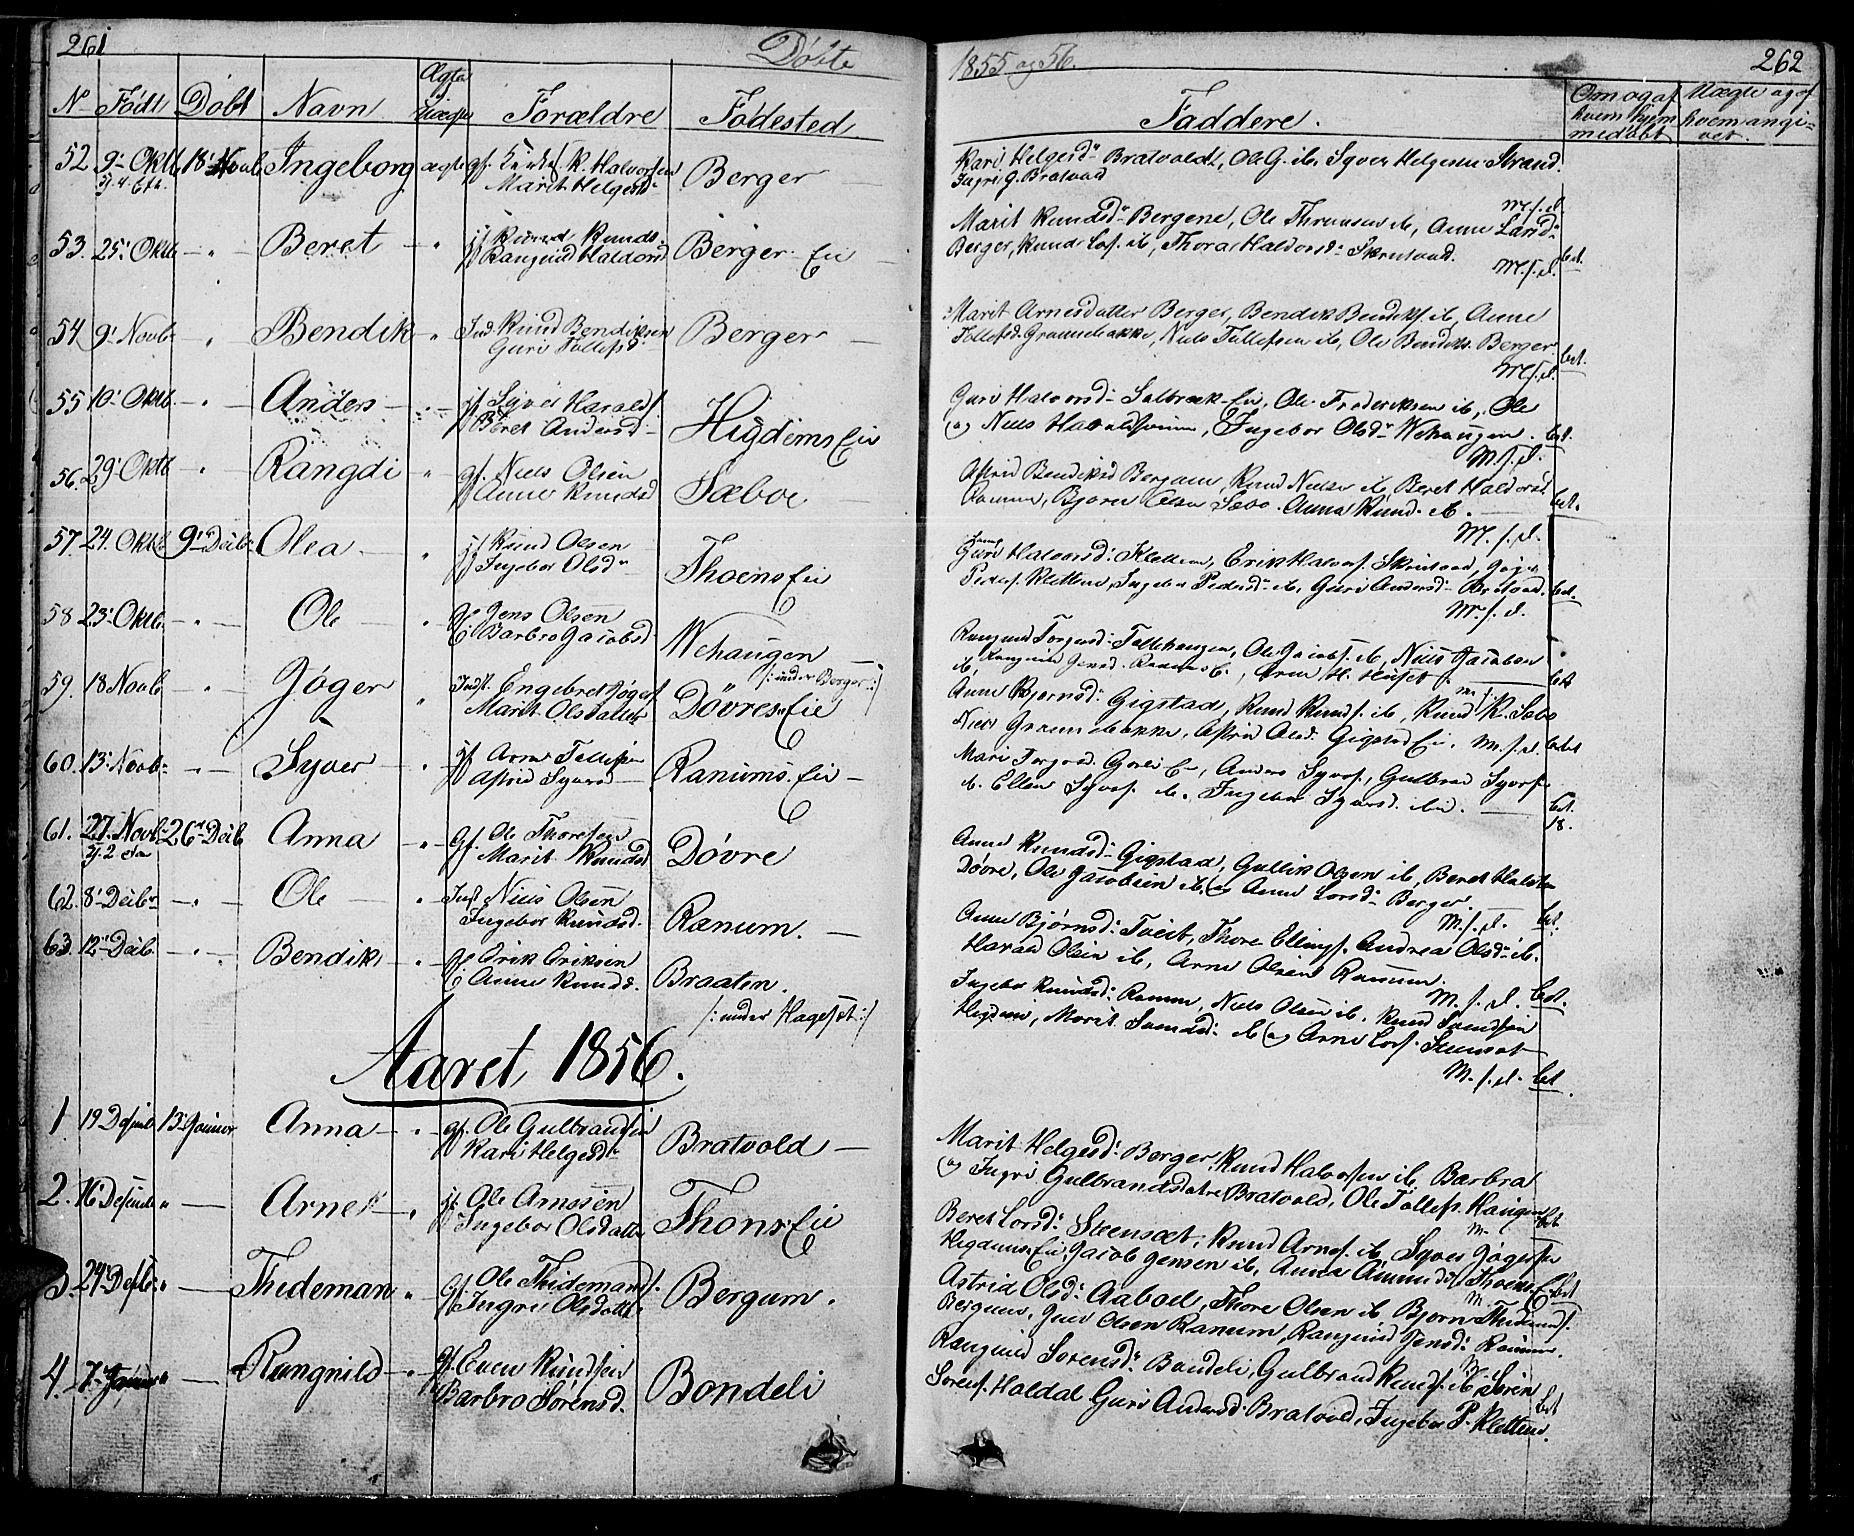 SAH, Nord-Aurdal prestekontor, Klokkerbok nr. 1, 1834-1887, s. 261-262